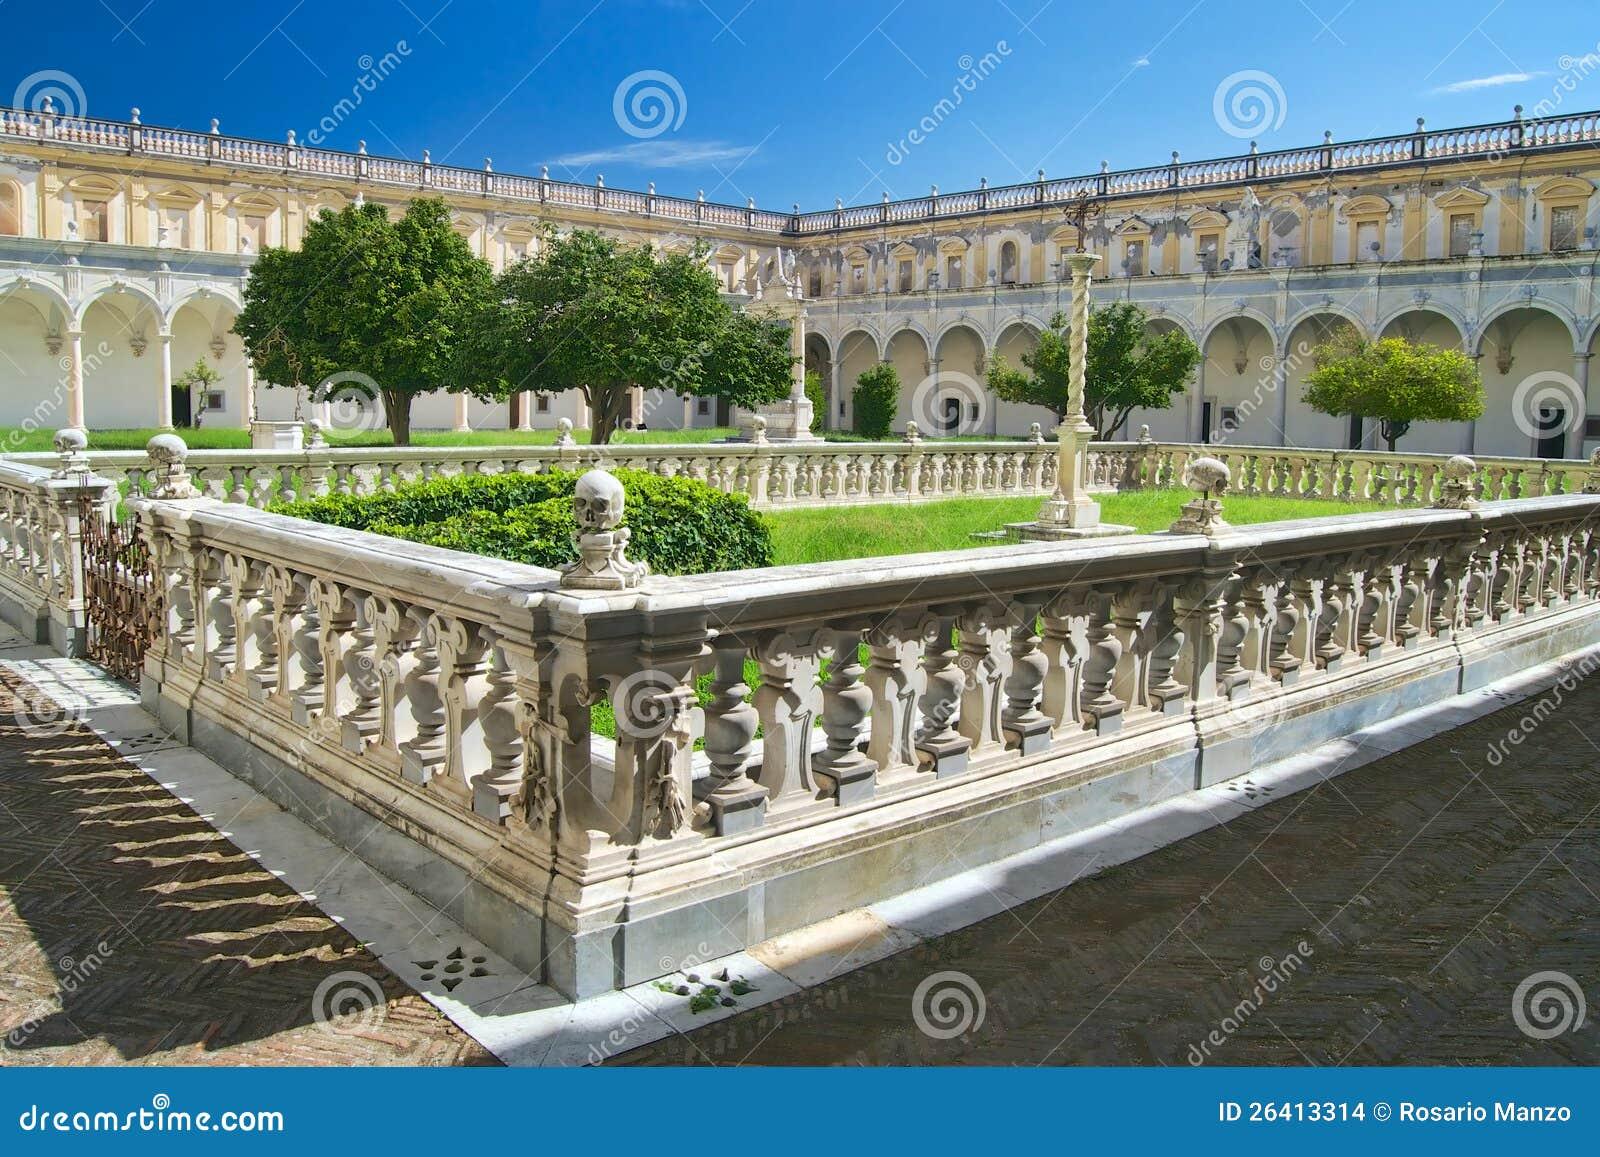 Chiostro grandioso em Certosa di San Martino